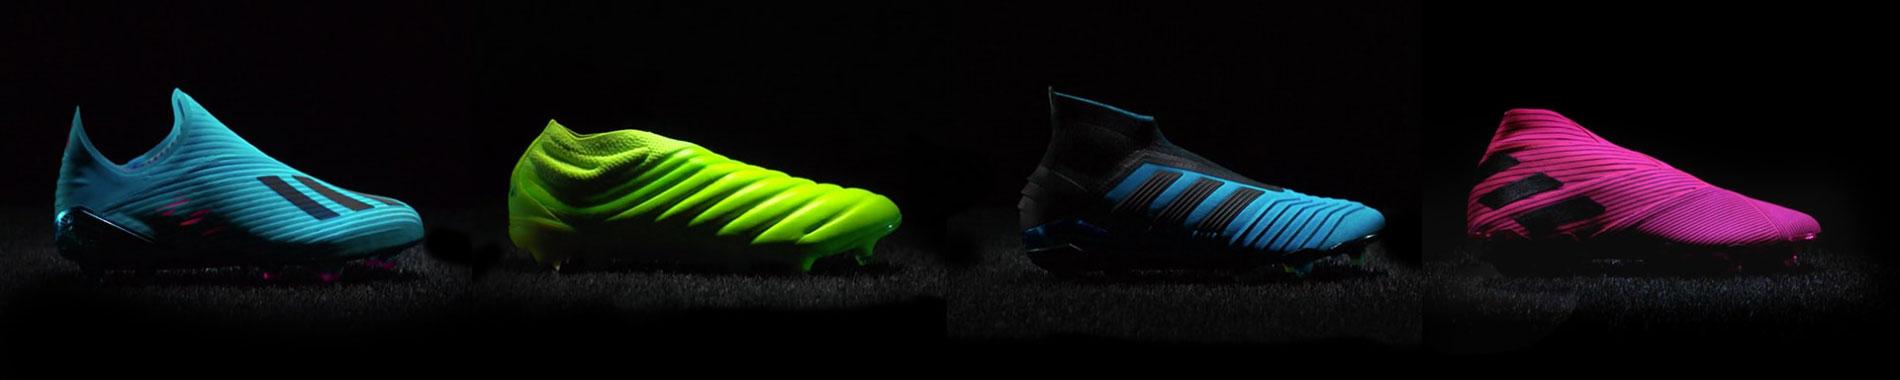 breiter fußballschuh adidas